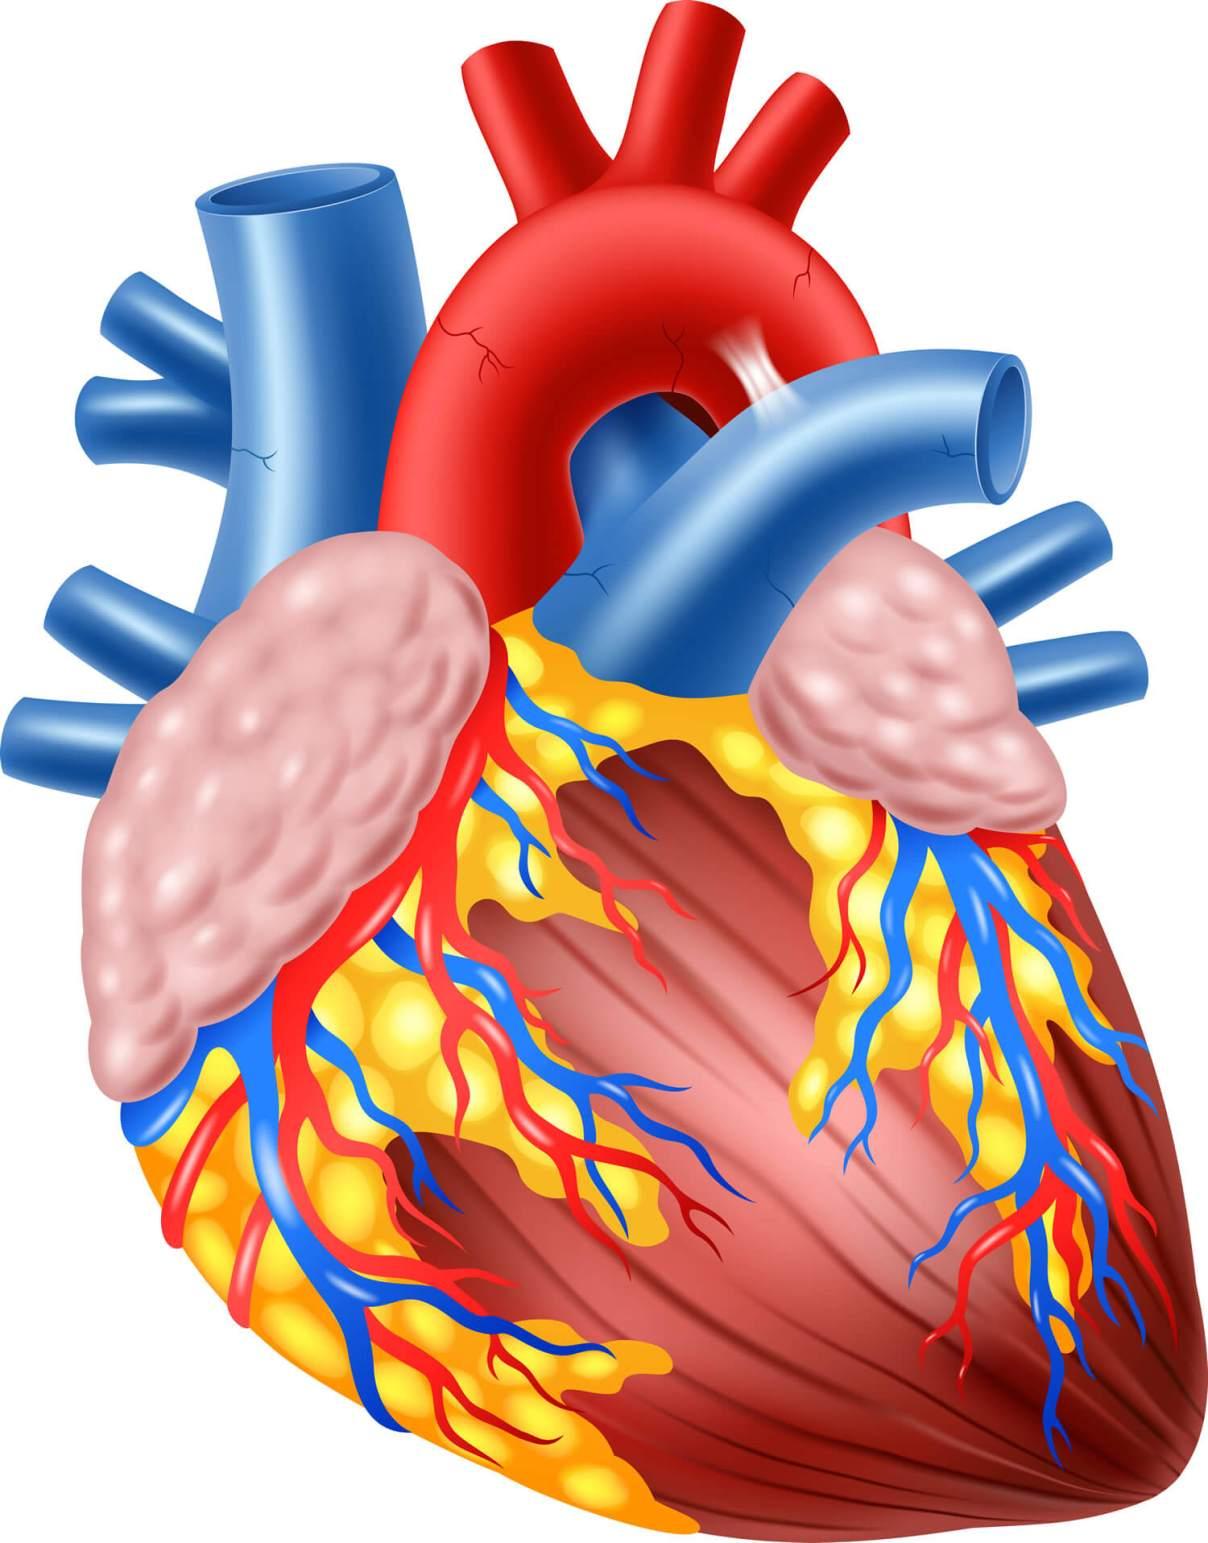 Auricula 2 - El Corazón Humano Anatomía, Función